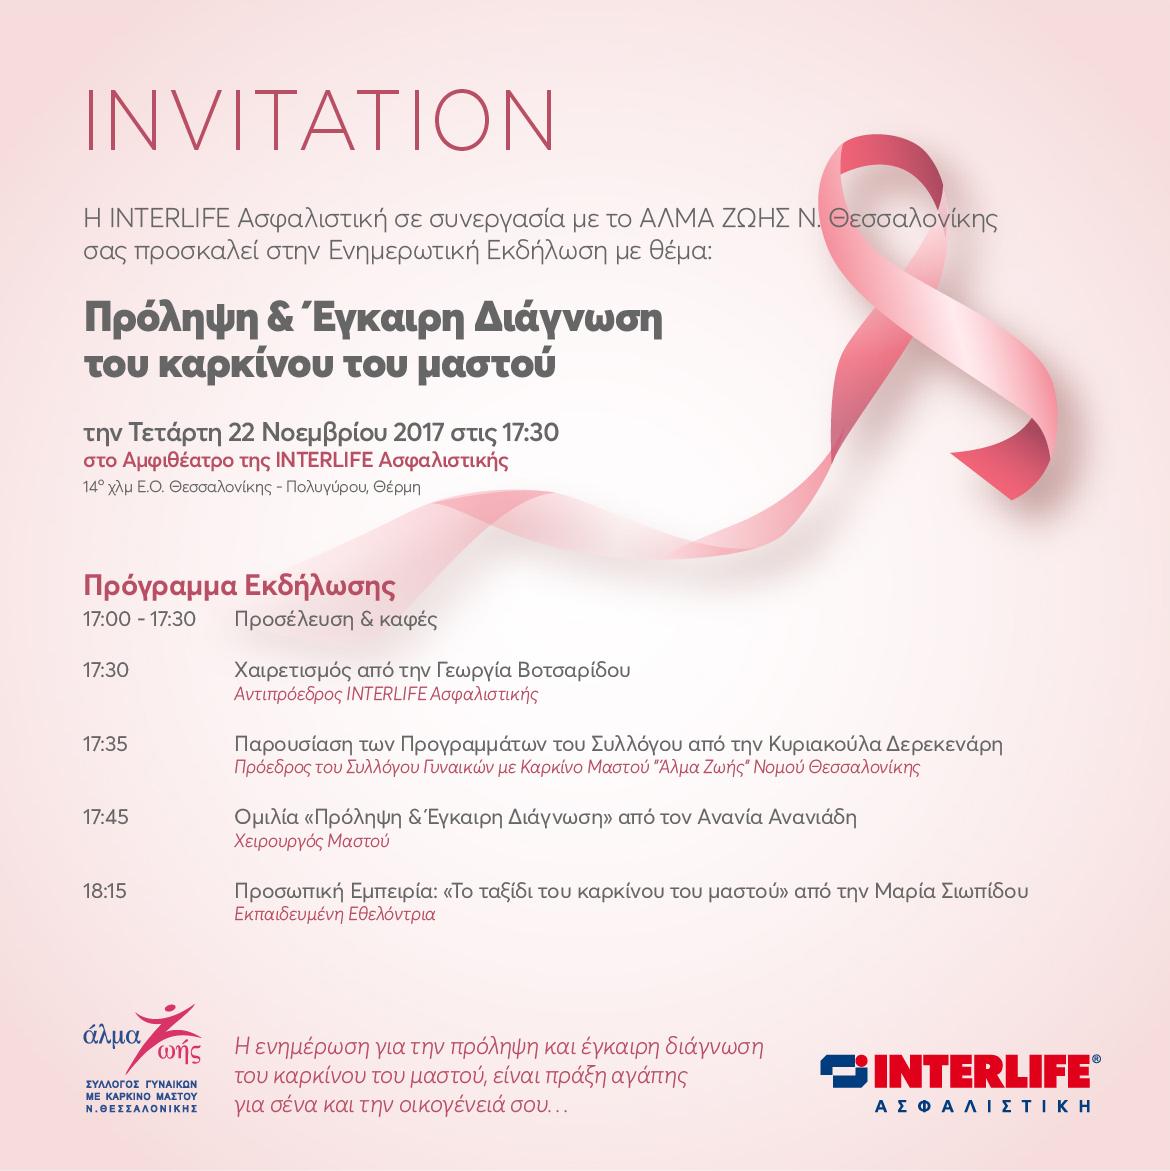 Εκδήλωση Πρόληψη & Έγκαιρη Διάγνωση του καρκίνου του μαστού